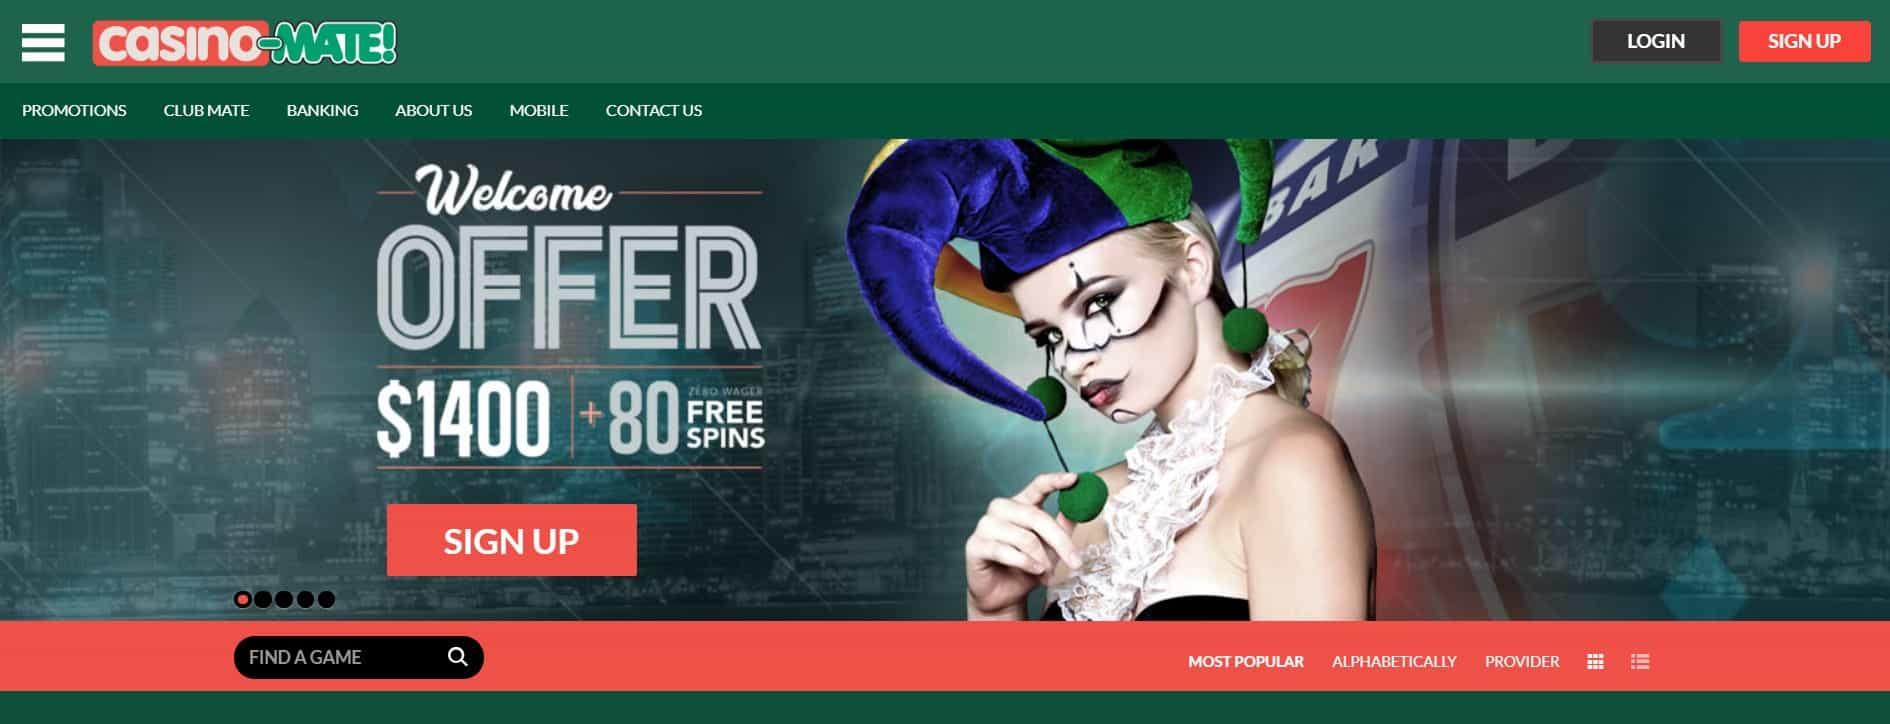 casino mate casino homepage